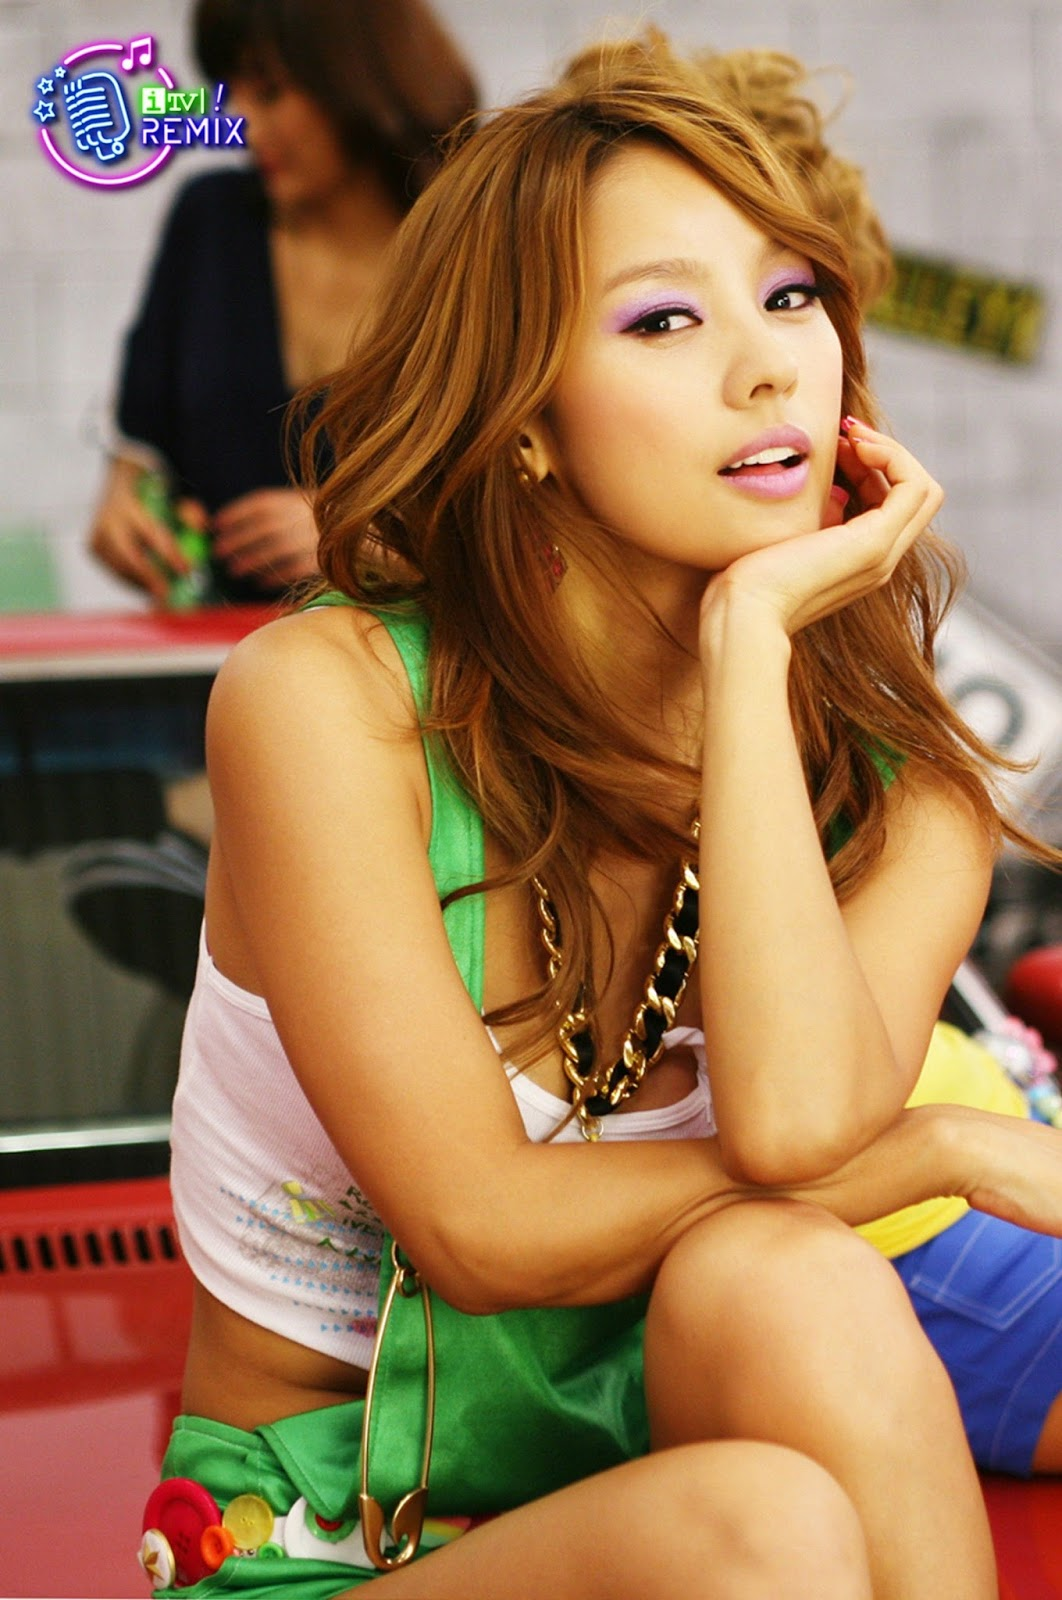 Lee Hyori tuổi 40: 'Con phượng hoàng' kiêu hãnh đã được tình yêu thuần hóa -4